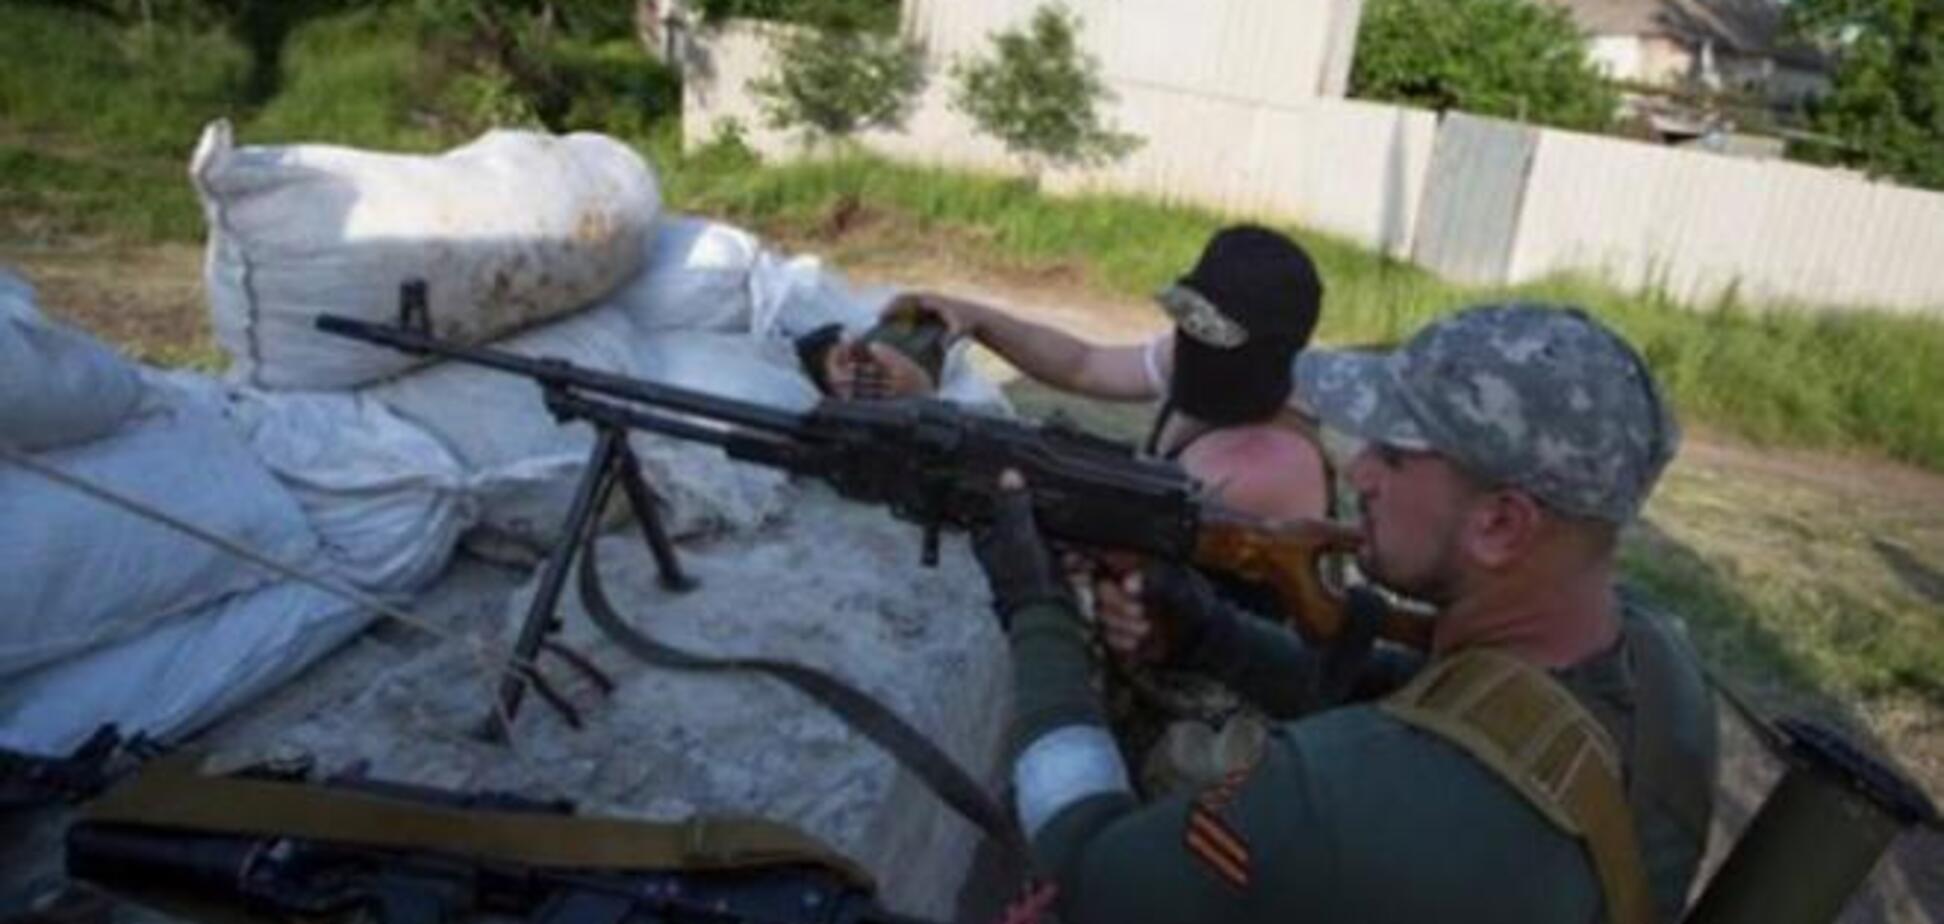 В Шахтерске террористы расстреляли девушку, которая училась вождению, и обстреляли дом бизнесмена